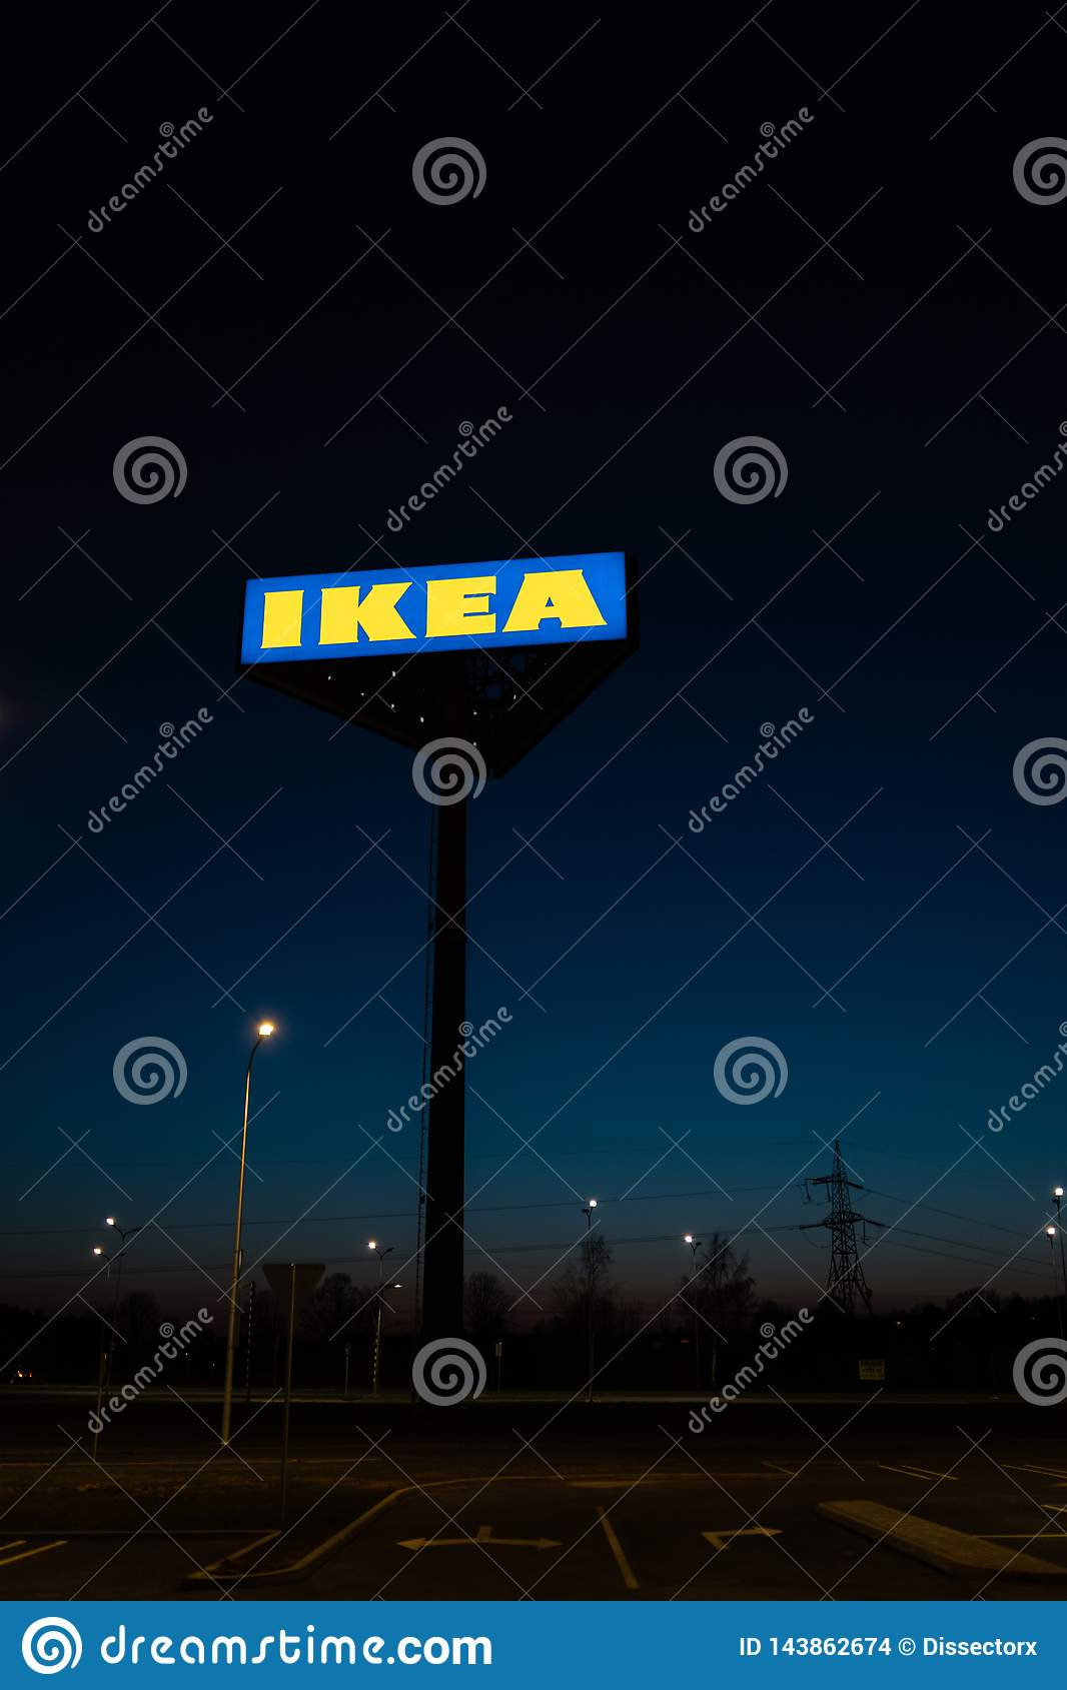 РИГА, ЛАТВИЯ - 3-ЬЕ АПРЕЛЯ 2019: Знак бренда IKEA во время темного вечера и ветра - голубого неба на заднем плане